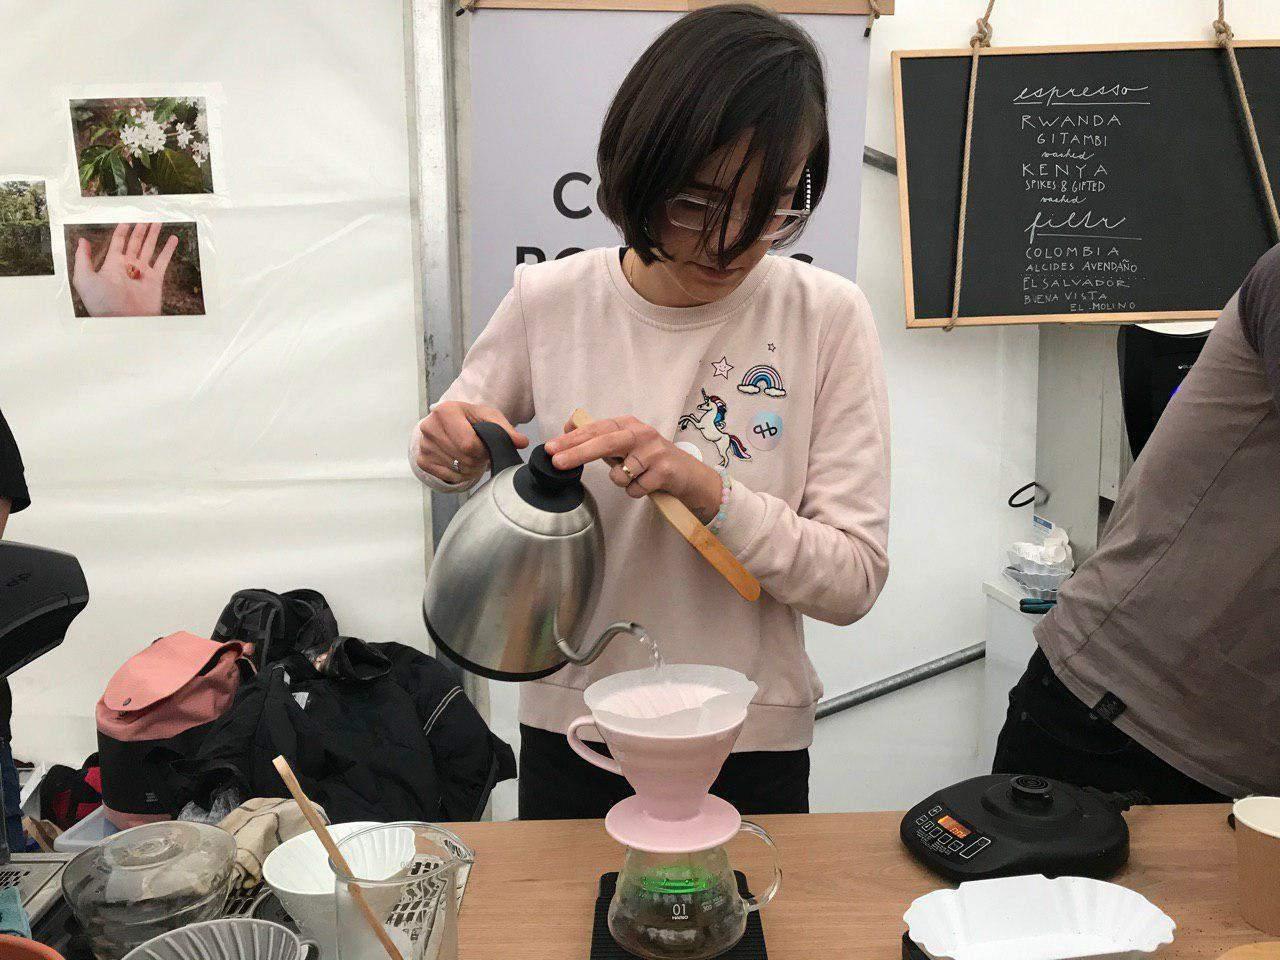 Príprava filtrovanej kávy. Foto: Alžbeta Kyselicová